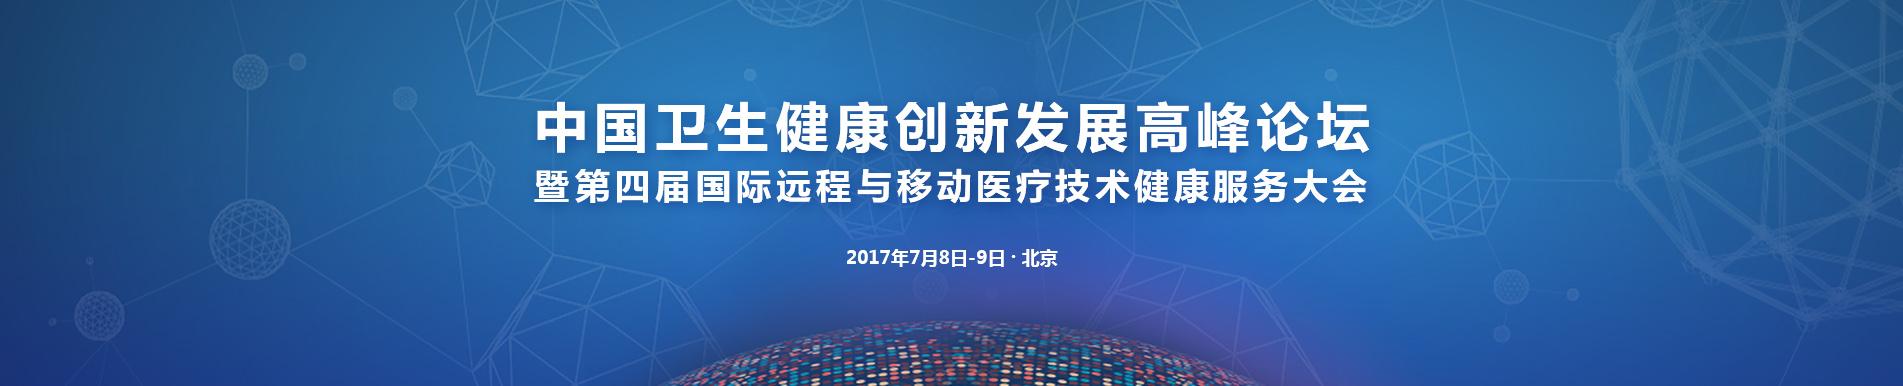 中国卫生健康创新发展高峰论坛暨第四届国际远程与移动医疗技术健康服务大会